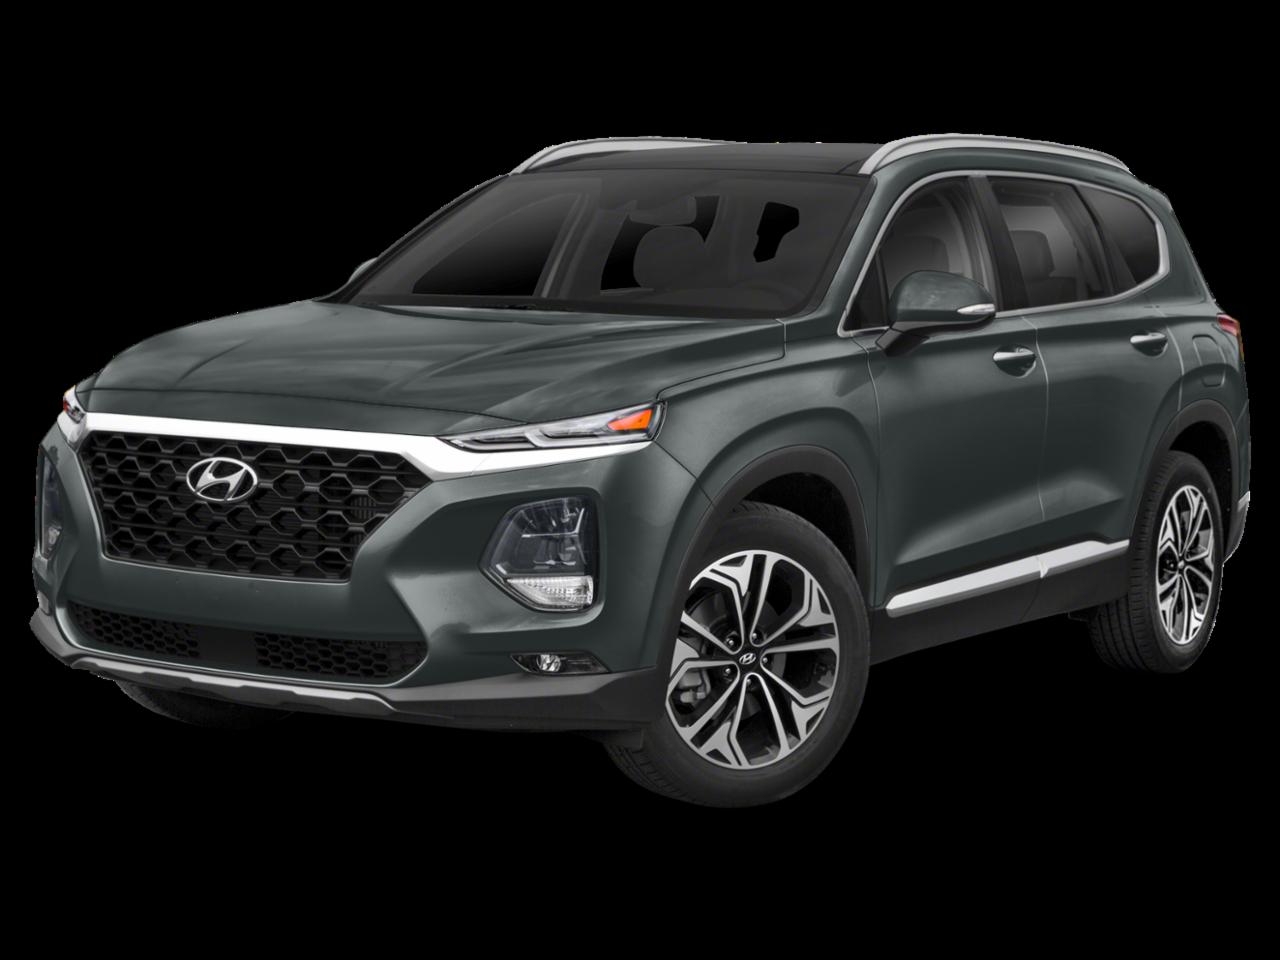 Hyundai 2020 Santa Fe Limited